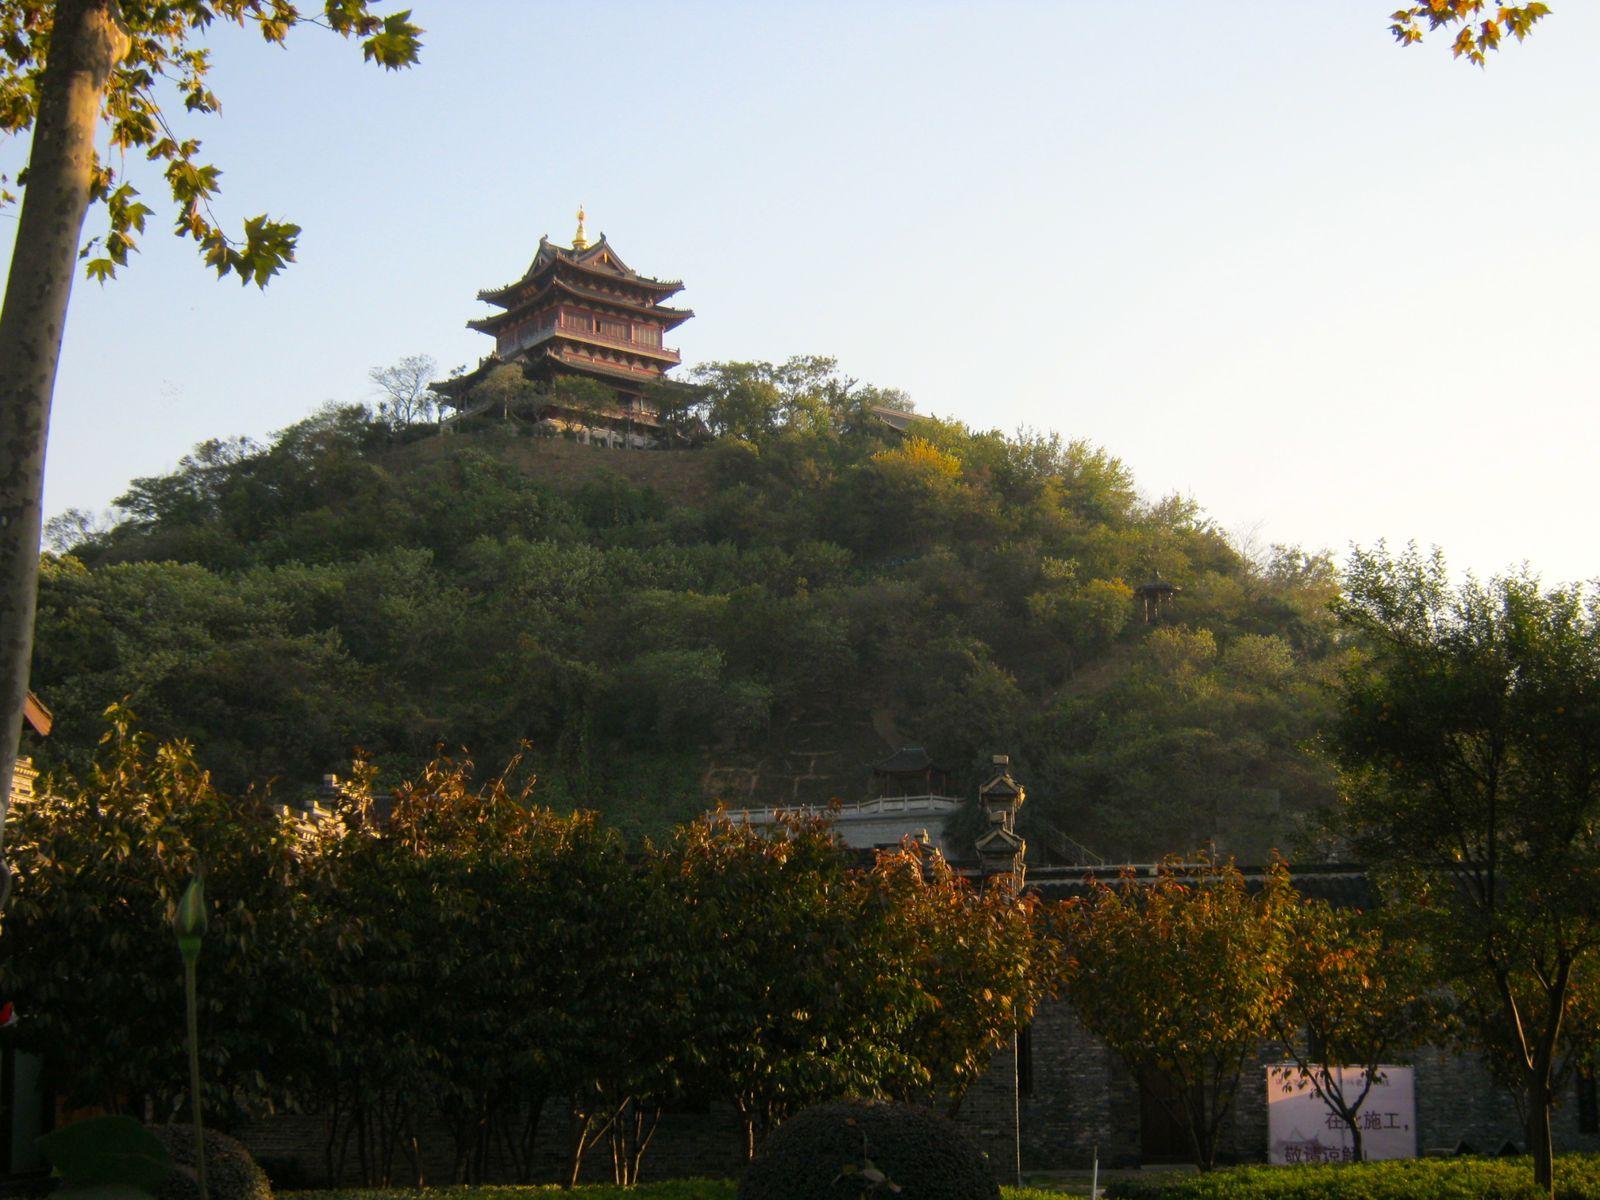 Le temple Mei Fong Ta, dédié à un serpent légendaire (Bai Su Zhen)